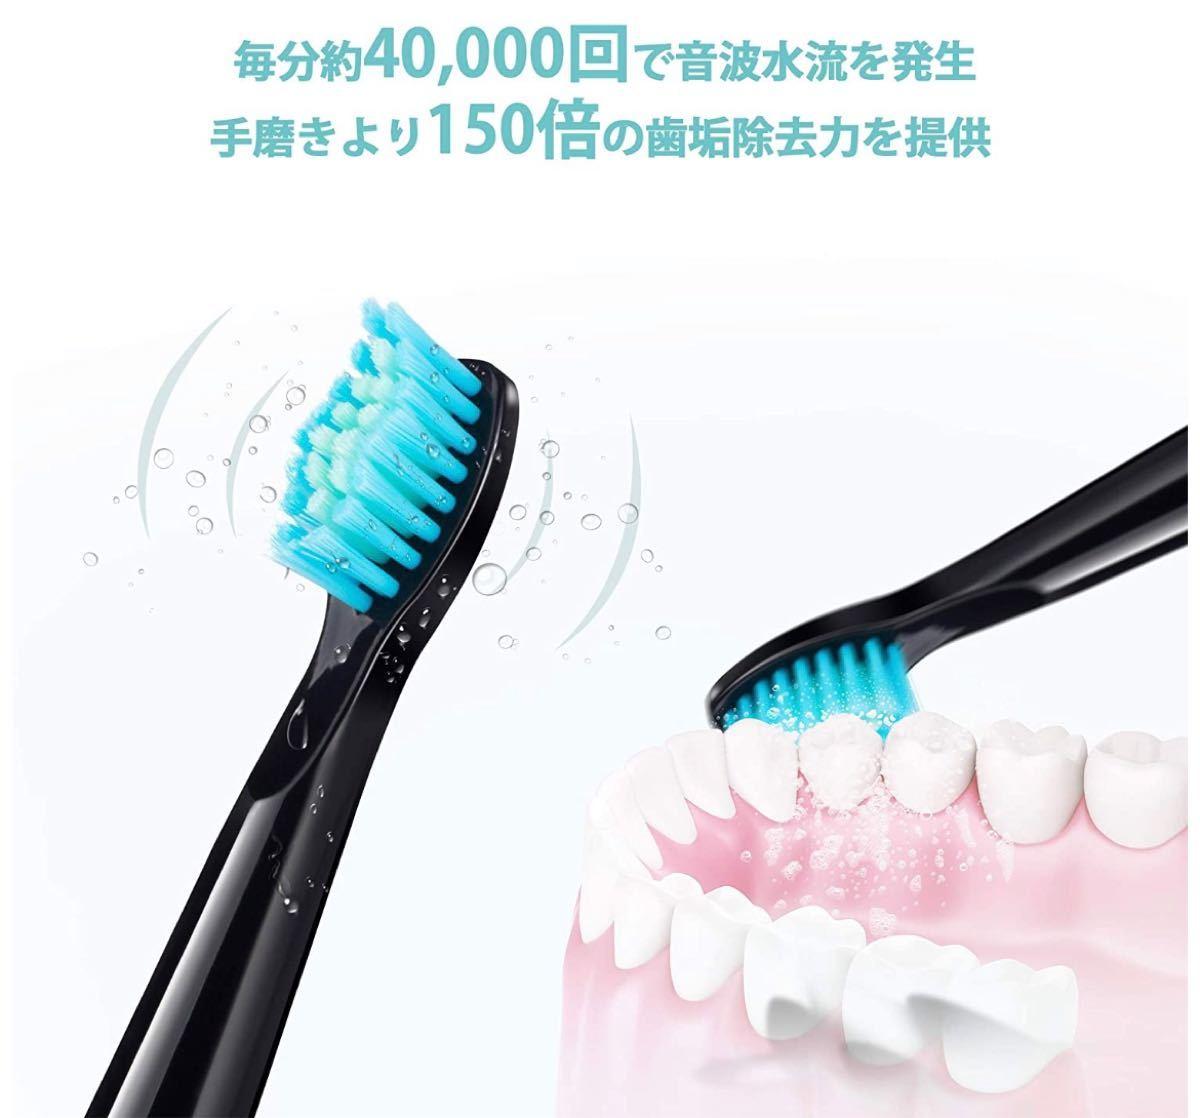 電動歯ブラシ Initio 音波歯ブラシ 歯ブラシ 電動 ソニック ブラック 3本替えブラシ